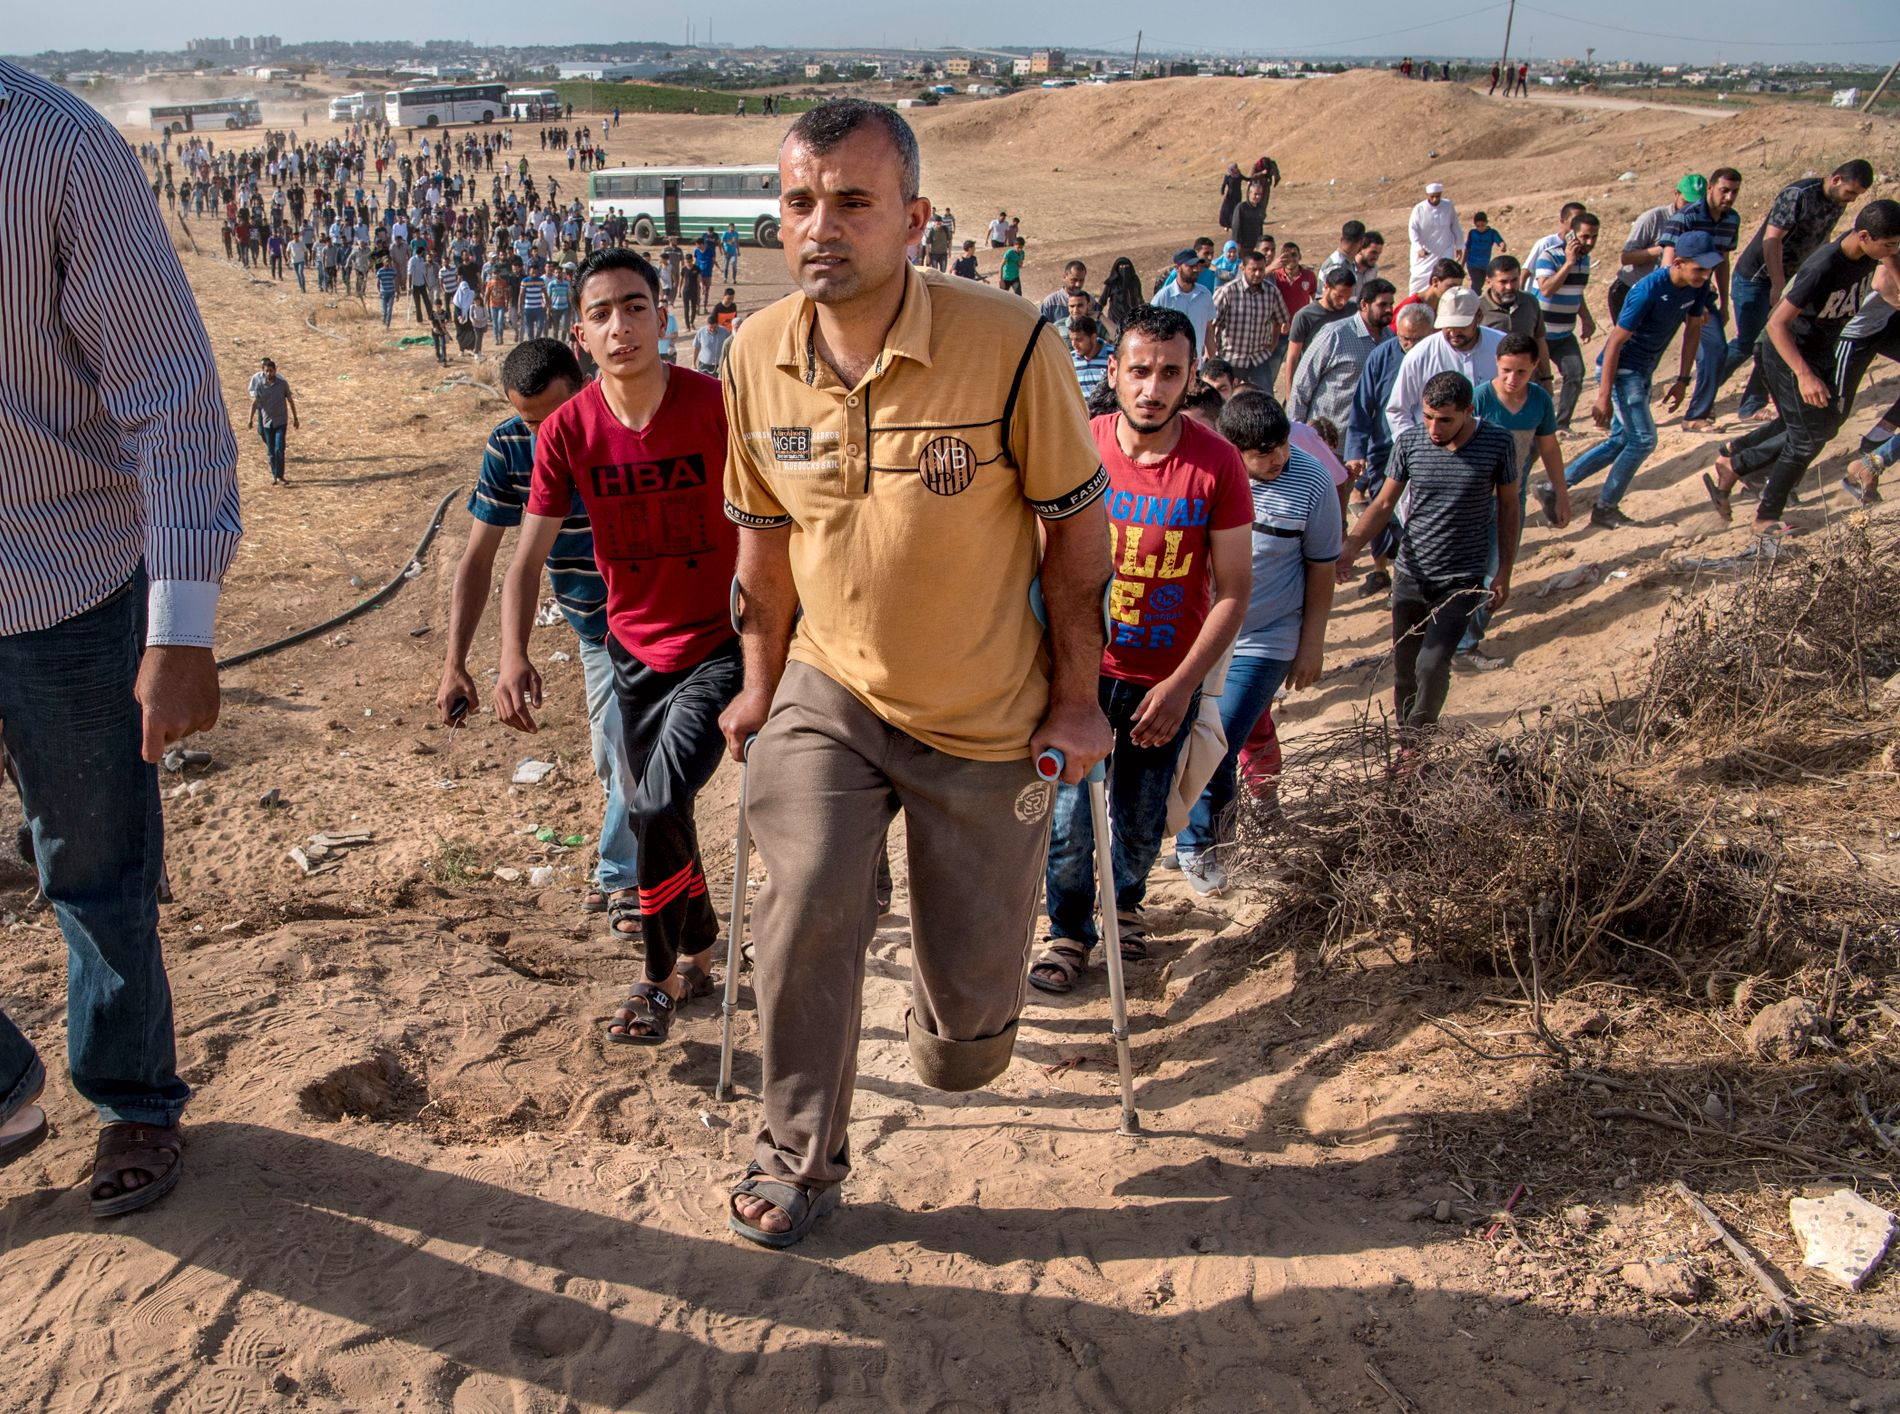 KRIGSHELT: Yousef Motawaq (33) fikk venstre legg amputert under Gazakrigen i 2006. Han får krigspensjon av Hamas og deltok søndag i demonstrasjonen ved grensegjerdet mot Israel.